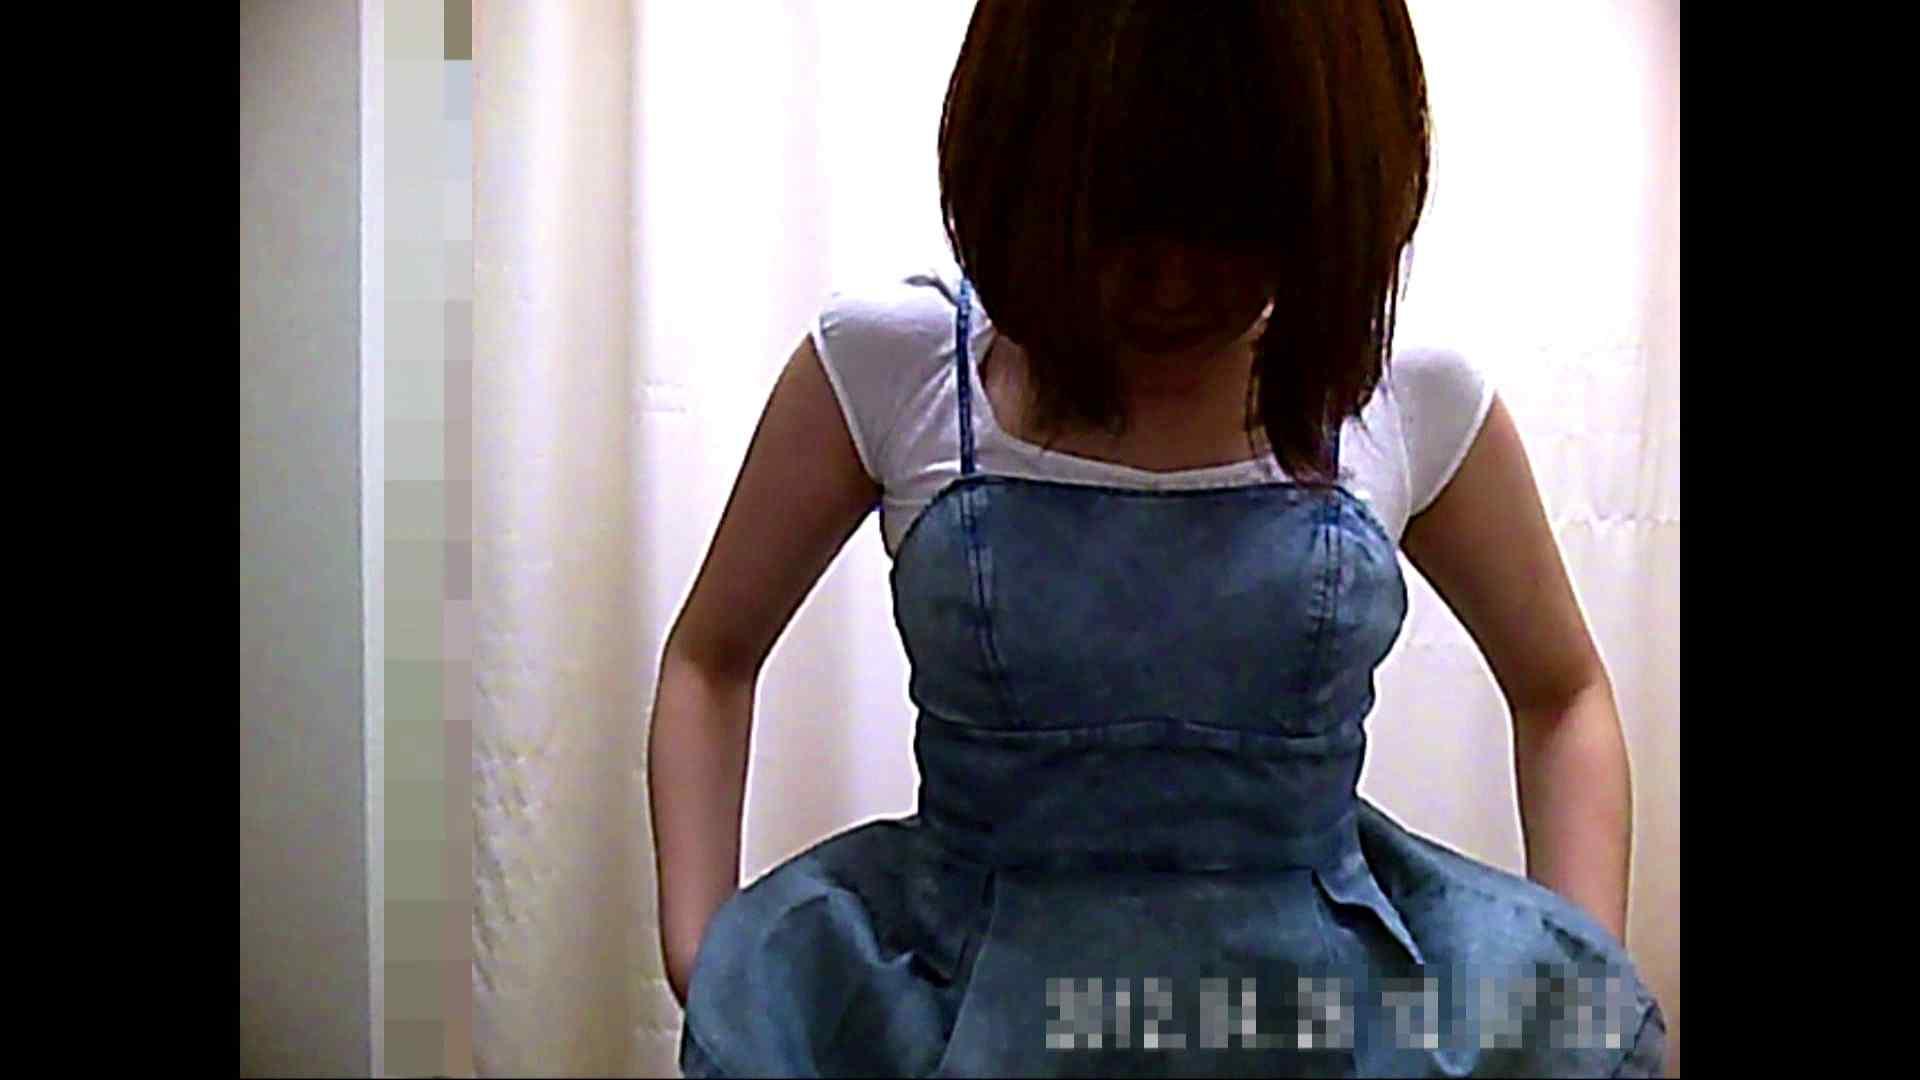 元医者による反抗 更衣室地獄絵巻 vol.007 OL  85pic 78